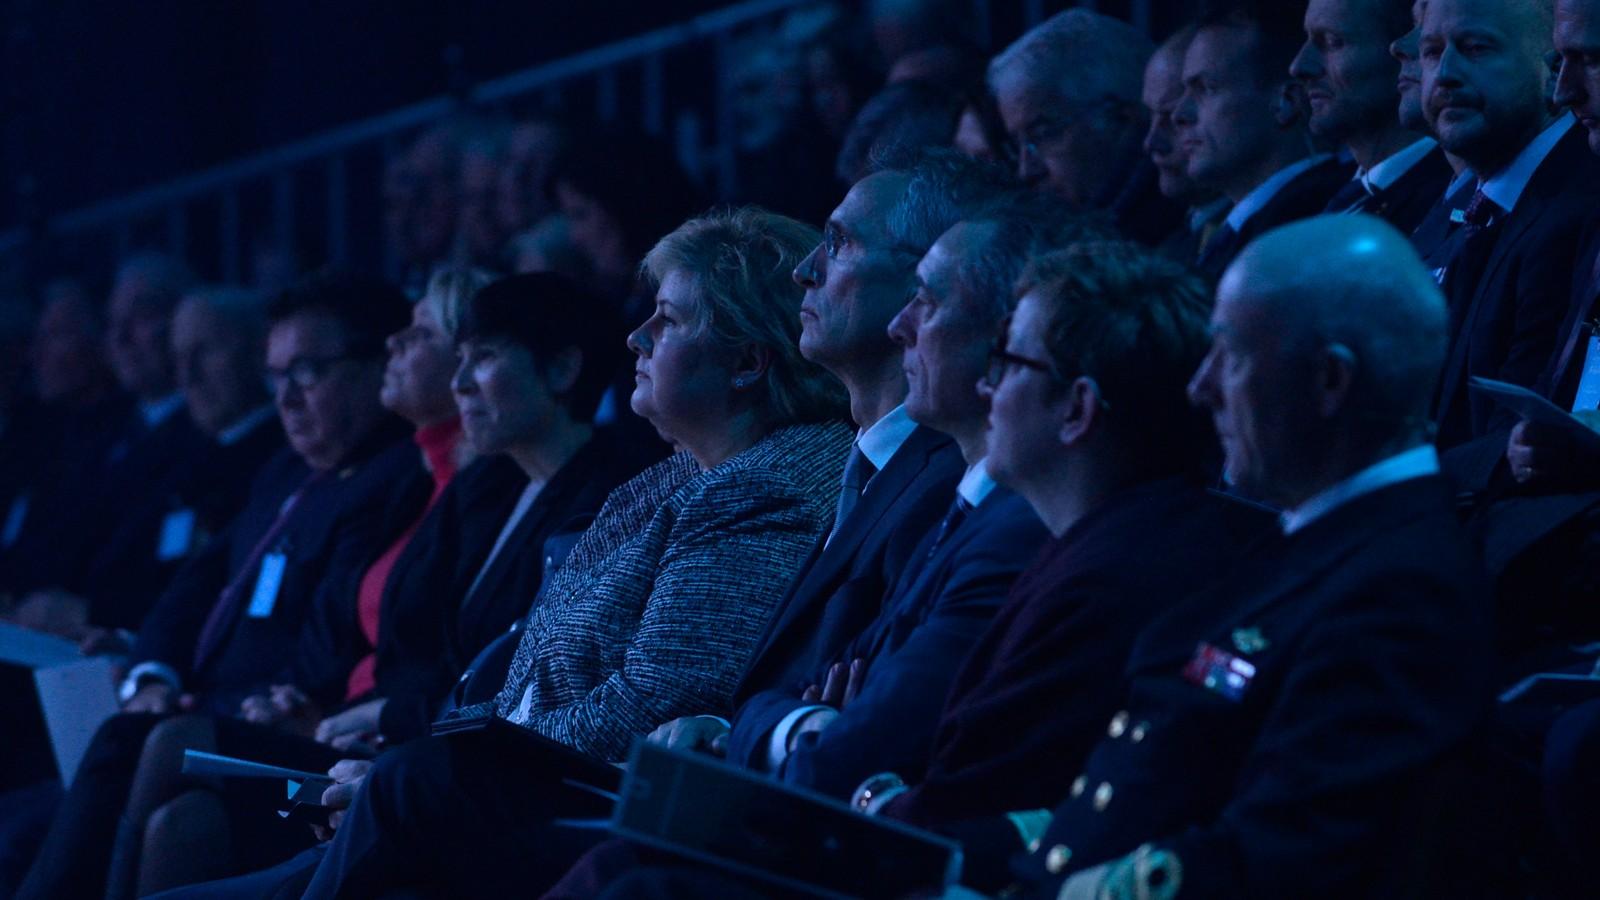 Statsminister Erna Solberg og sjef for Nato Jens Stoltenberg deltok på markeringen av de nye kampflyene.